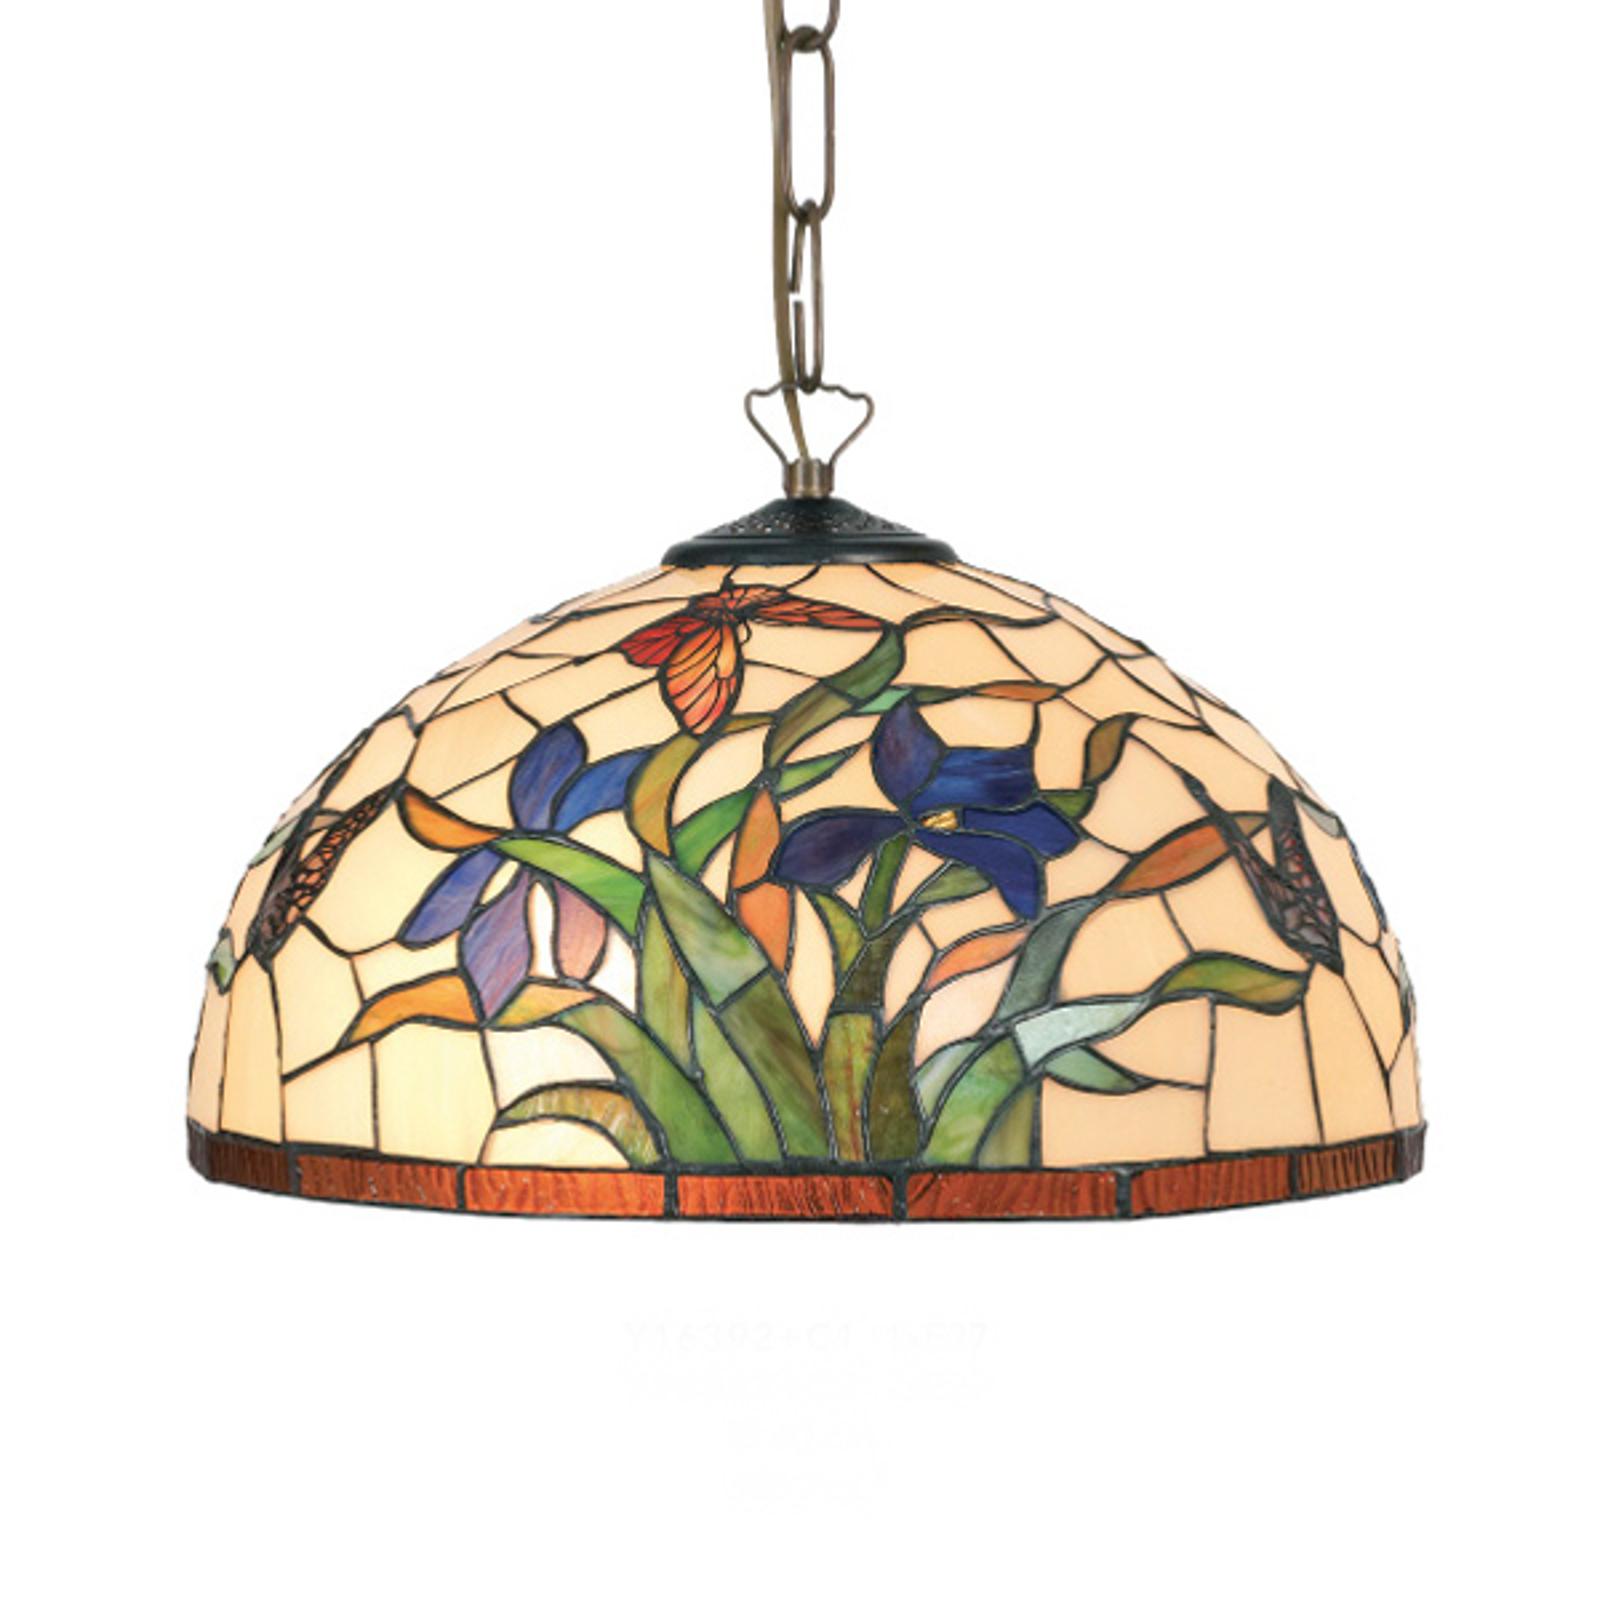 Lampa wisząca Elanda w stylu Tiffany, 2-punktowa